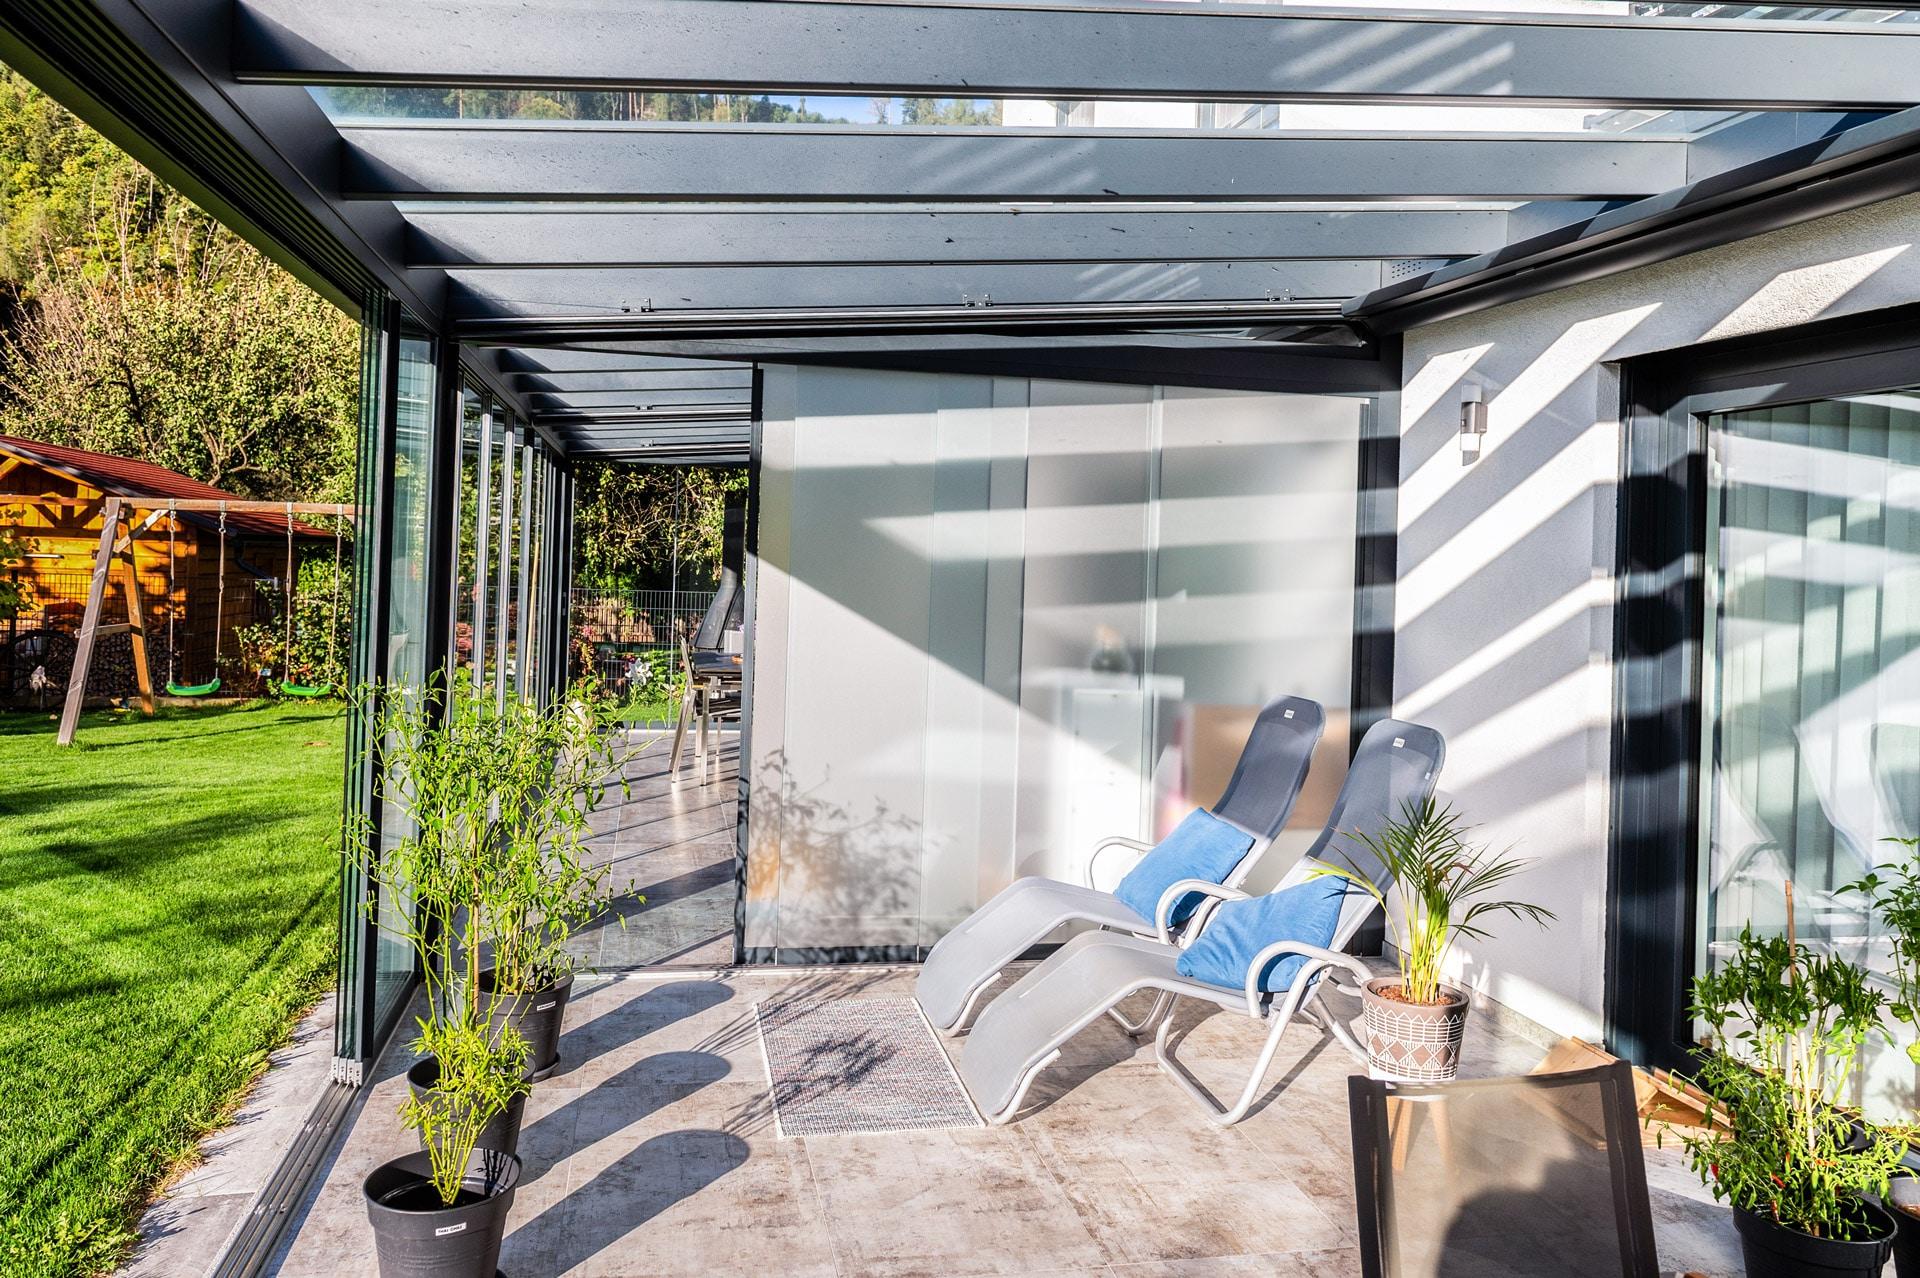 Schiebe 09 l | blickdichte matte Schiebe-Verglasung als Sichtschutz bei Doppelhaus-Aludach | Svoboda